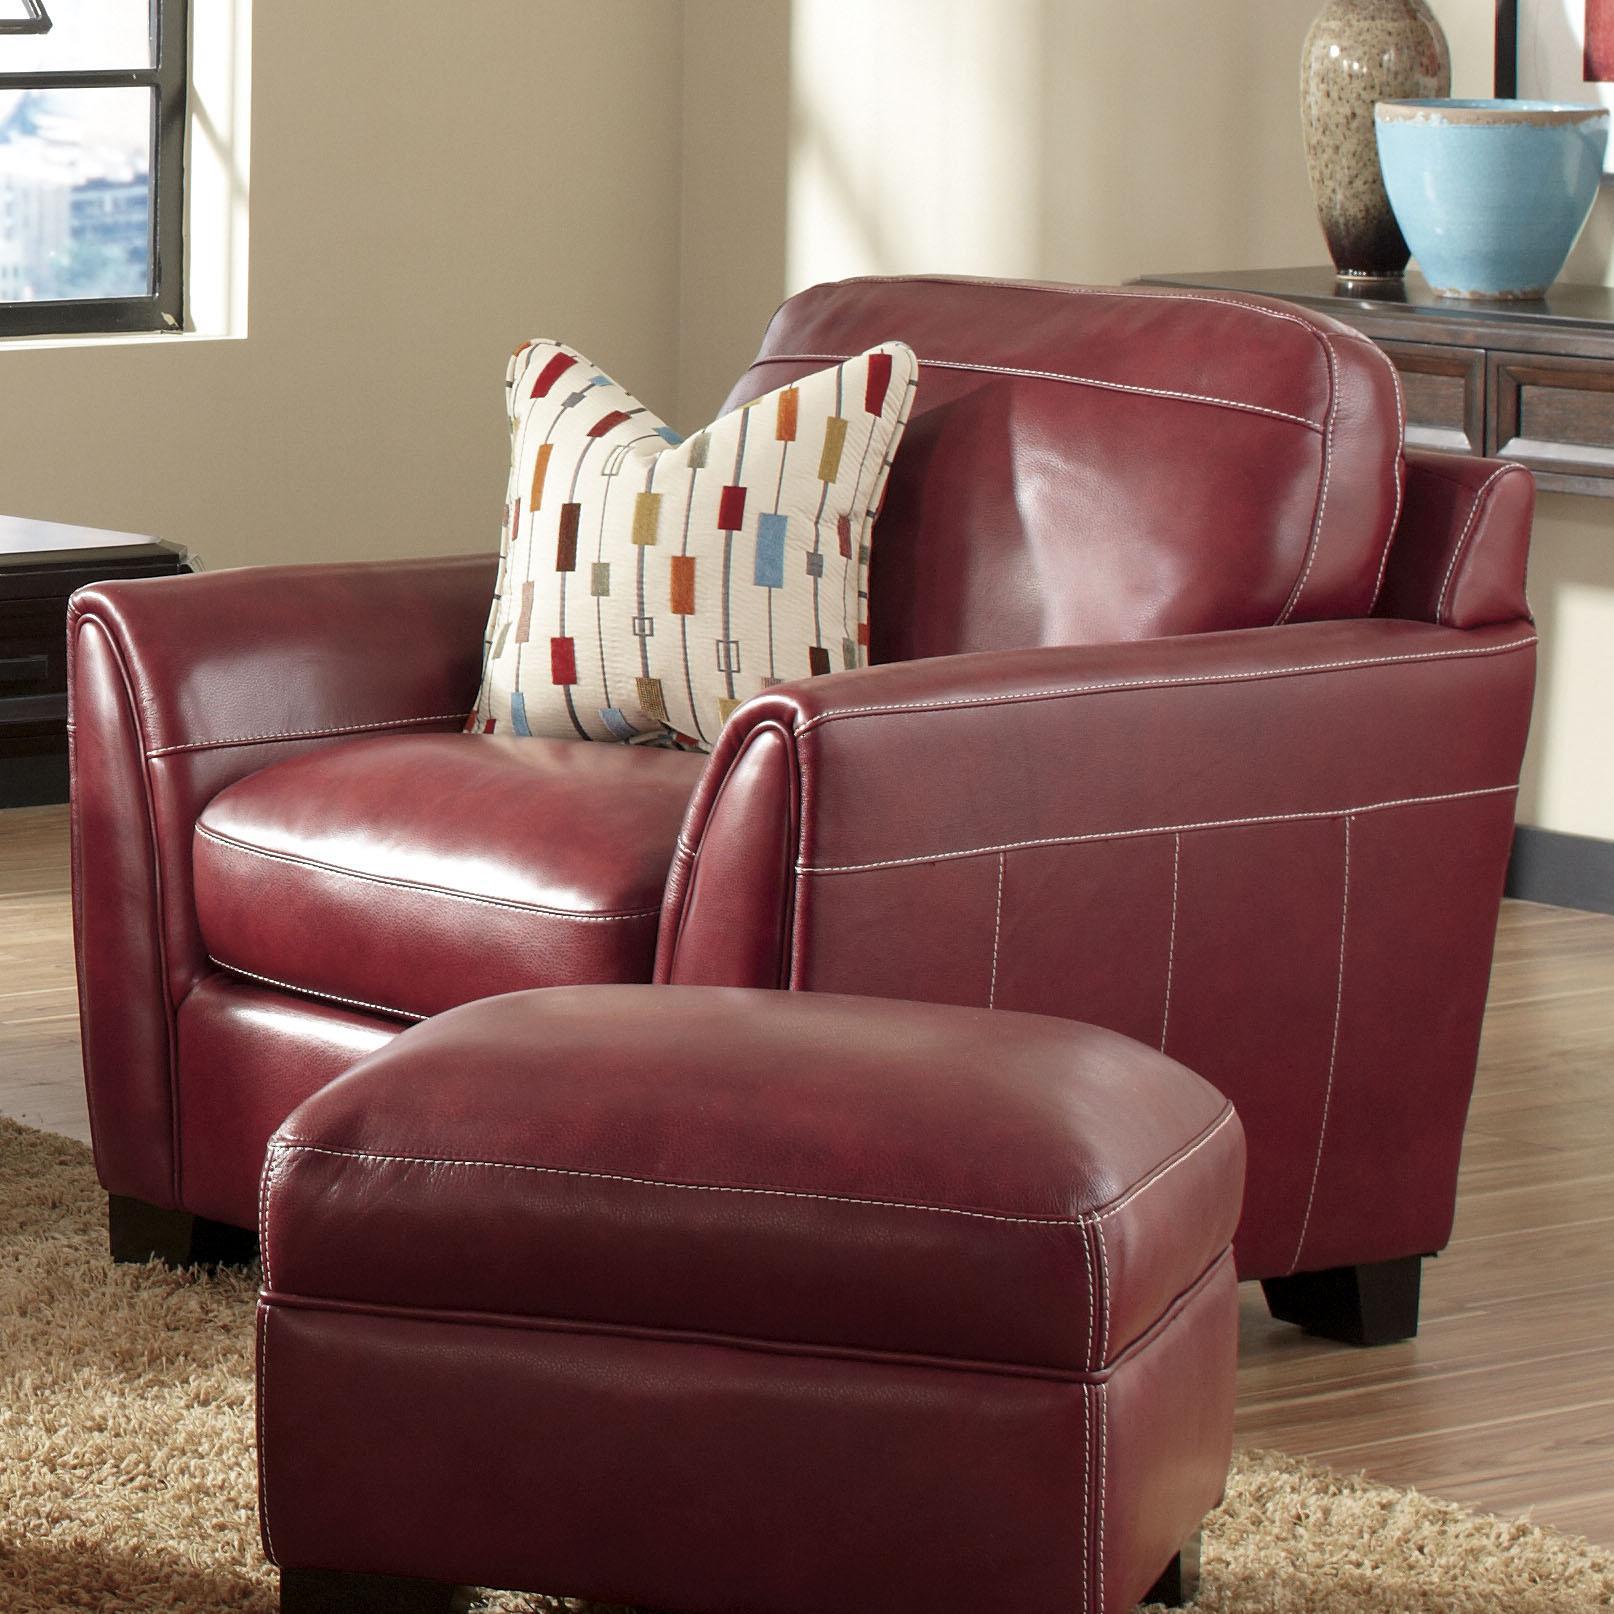 J049 Chair by Simon Li at Dean Bosler's